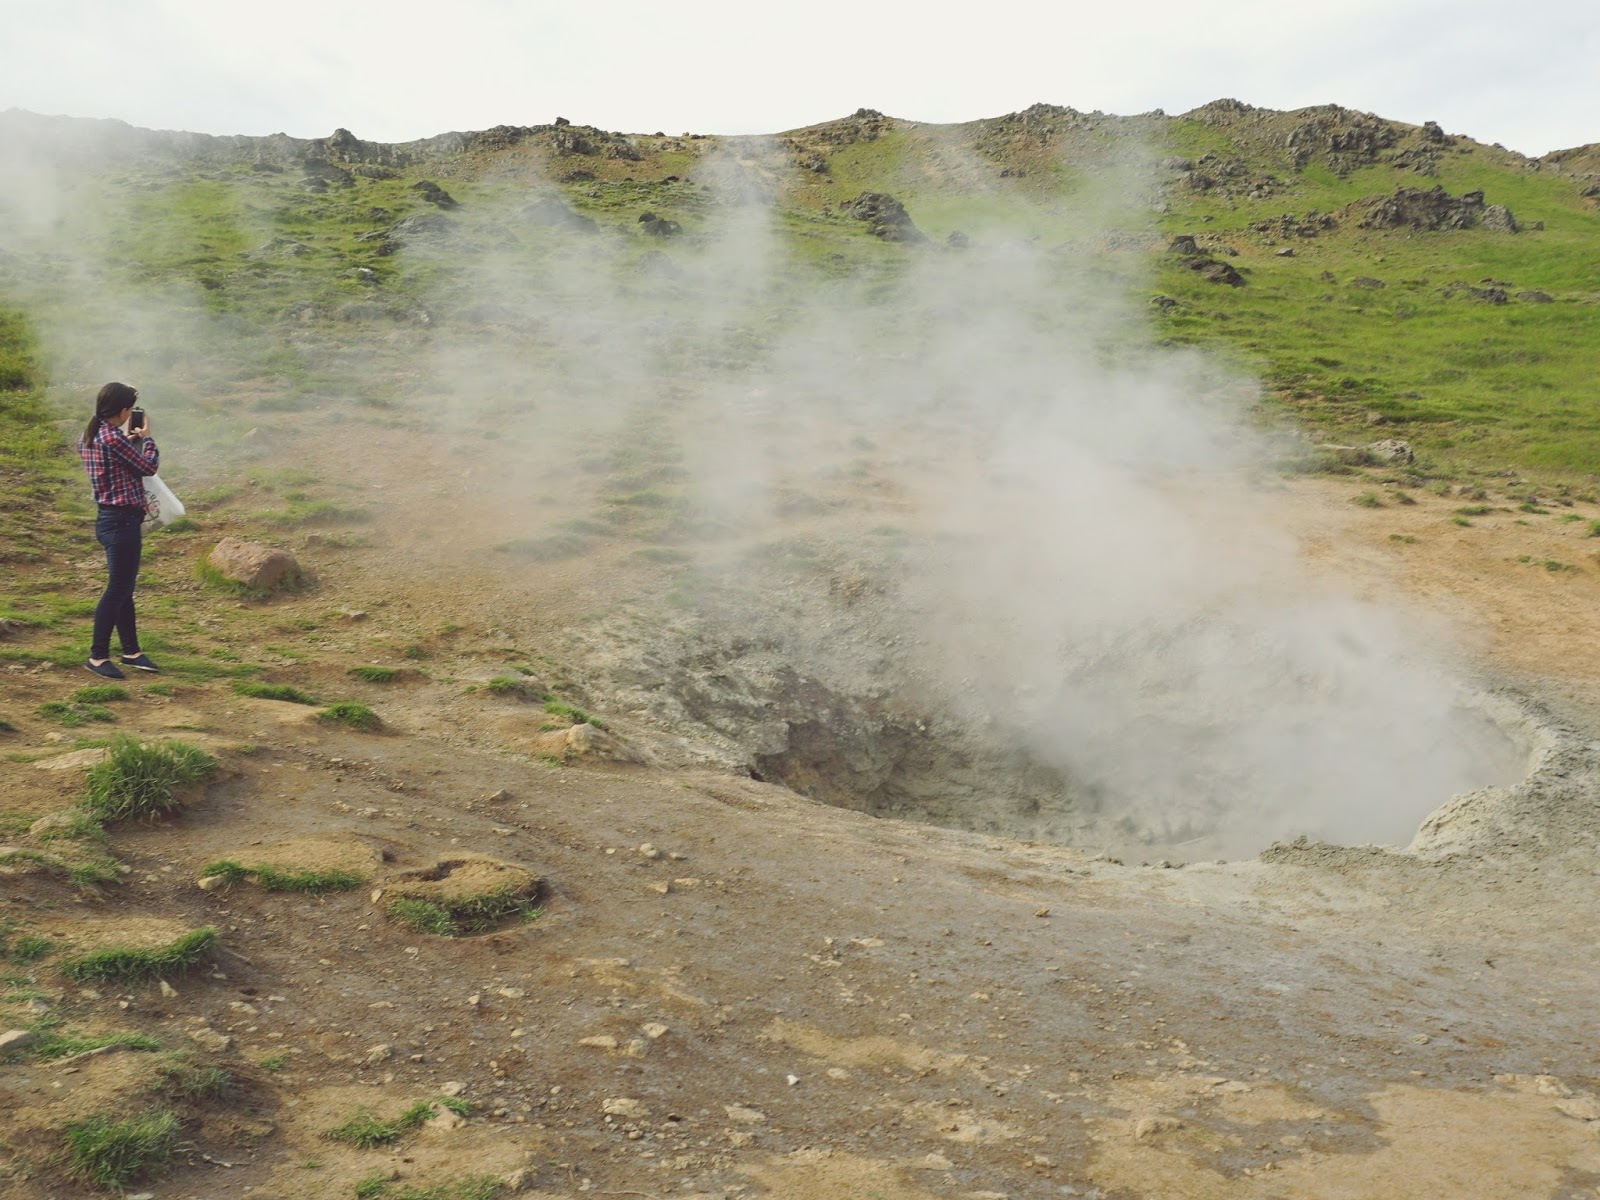 gorące źródła, Reykjadalur, Islandia, południowa Islandia, Hveragerdi